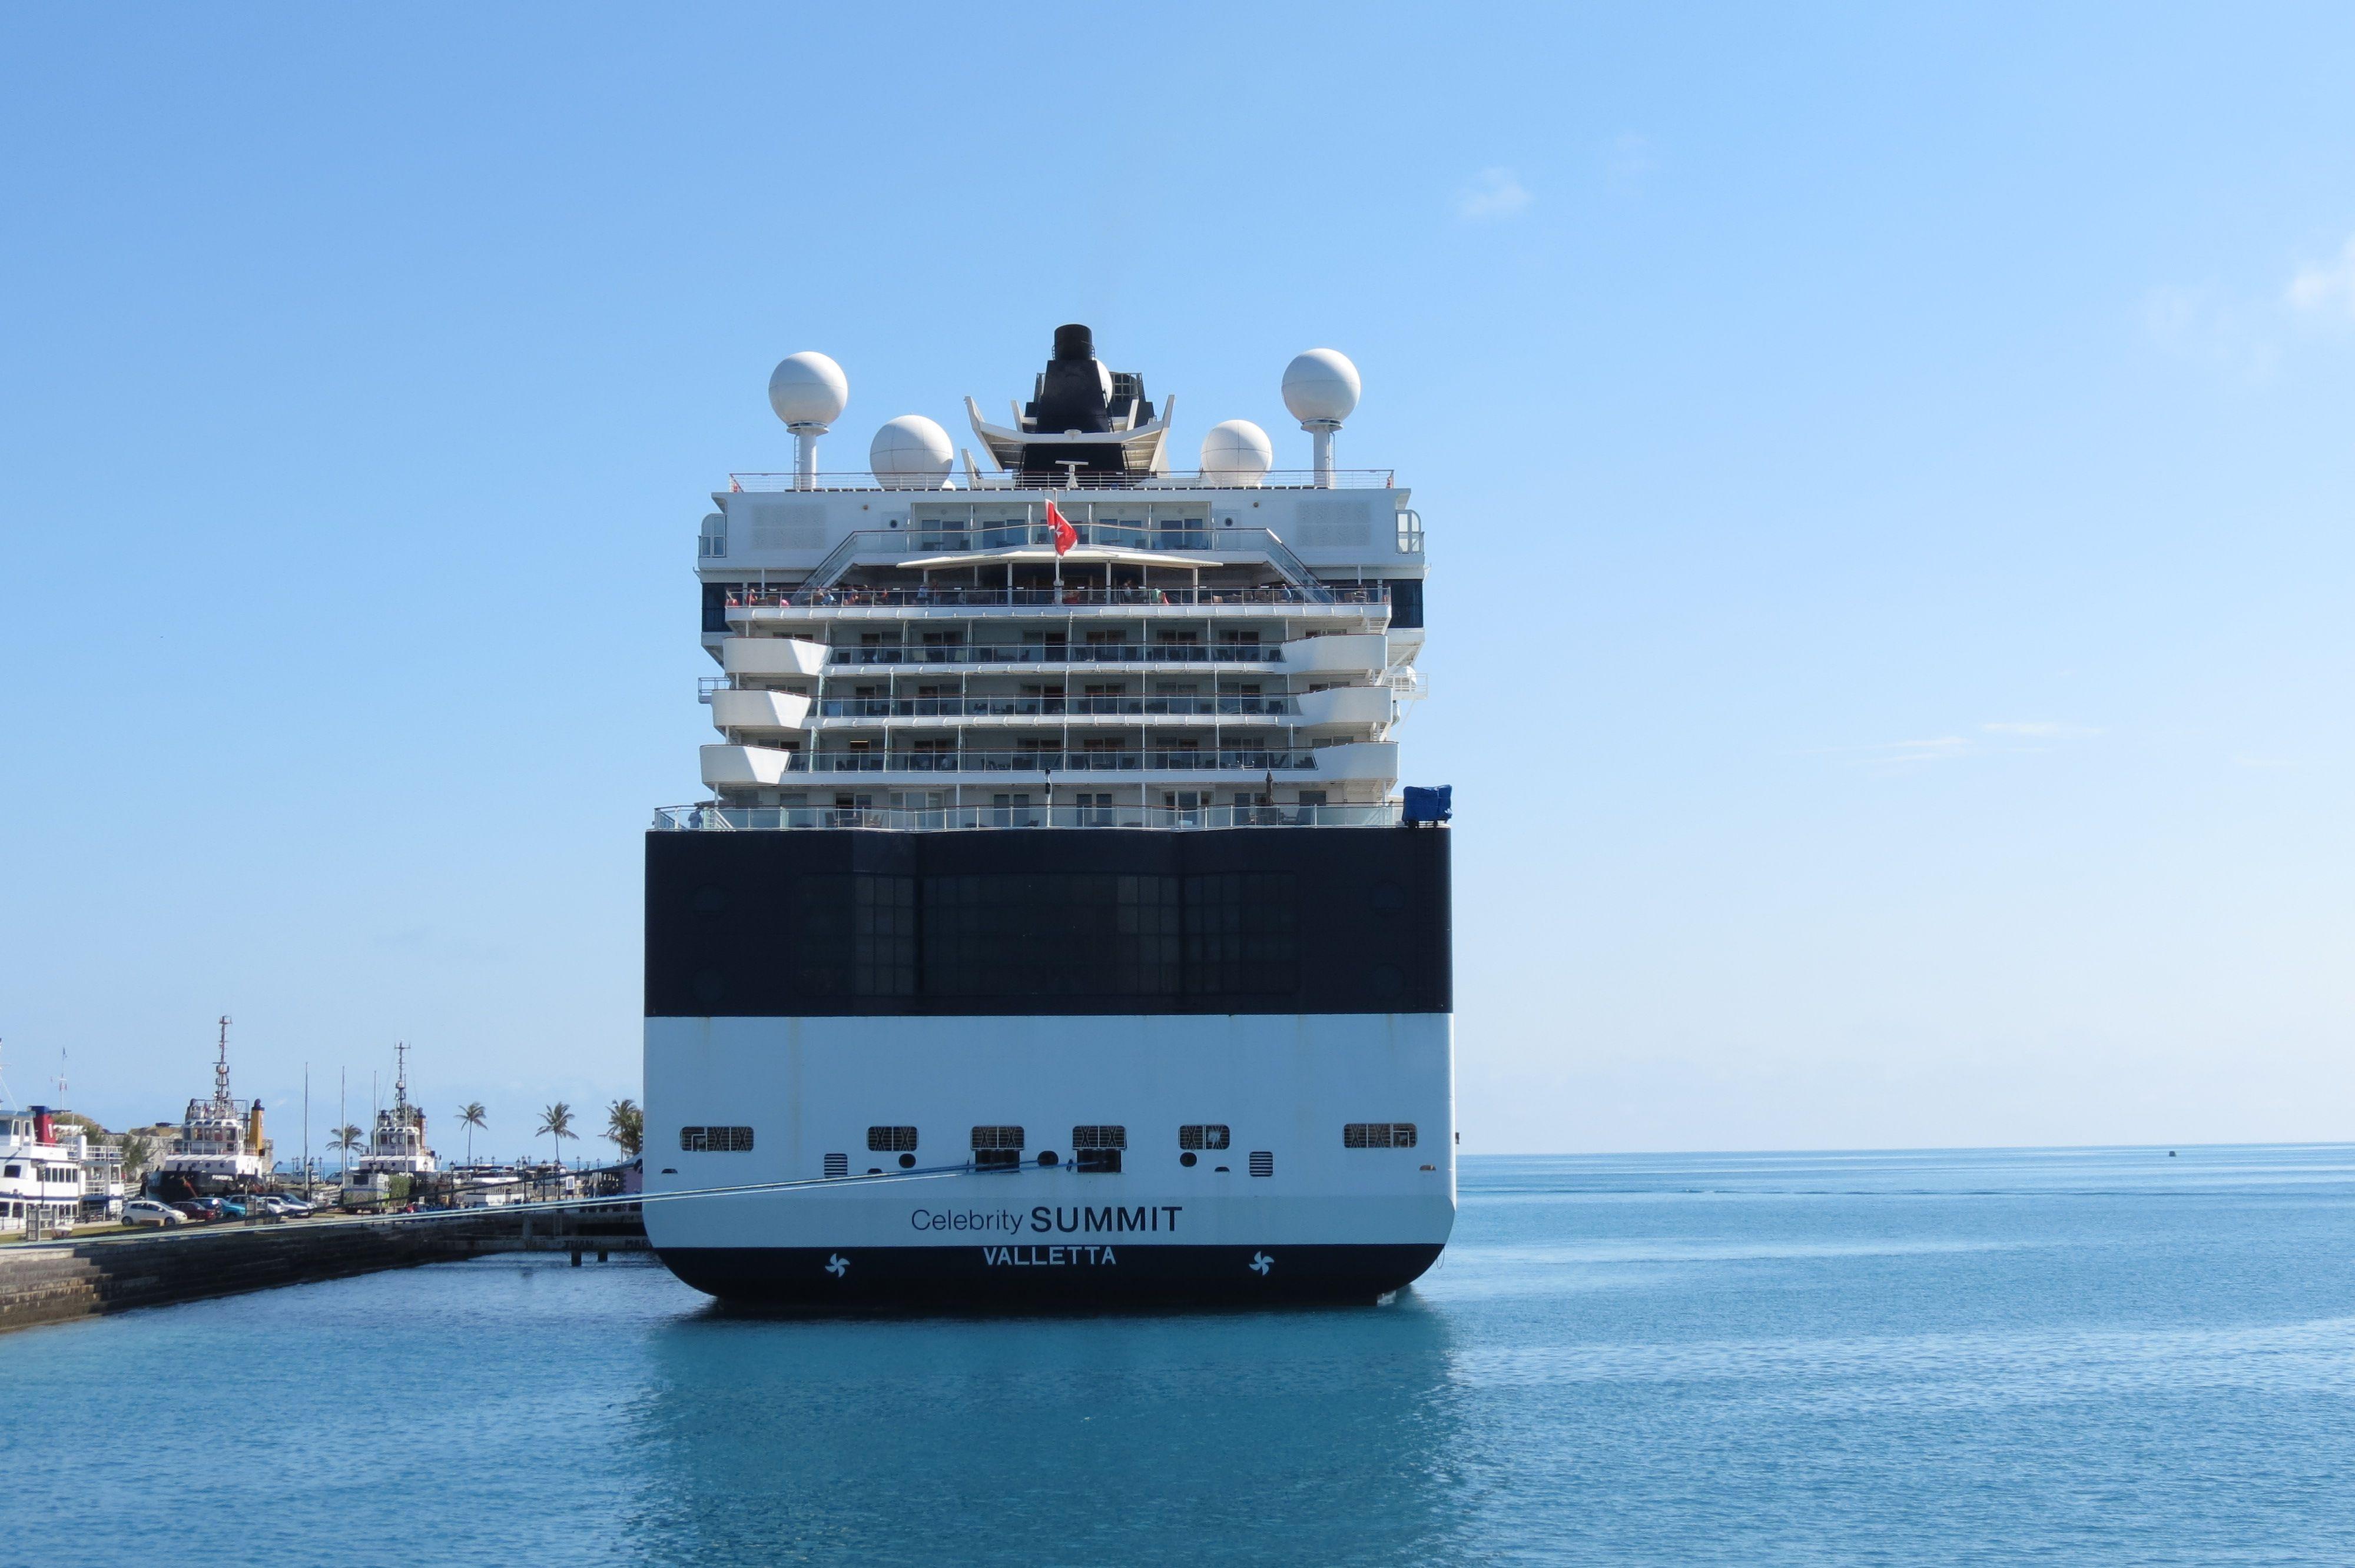 Celebrity Summit AFT Gripps Travels Celebrity Summit - Summit cruise ship